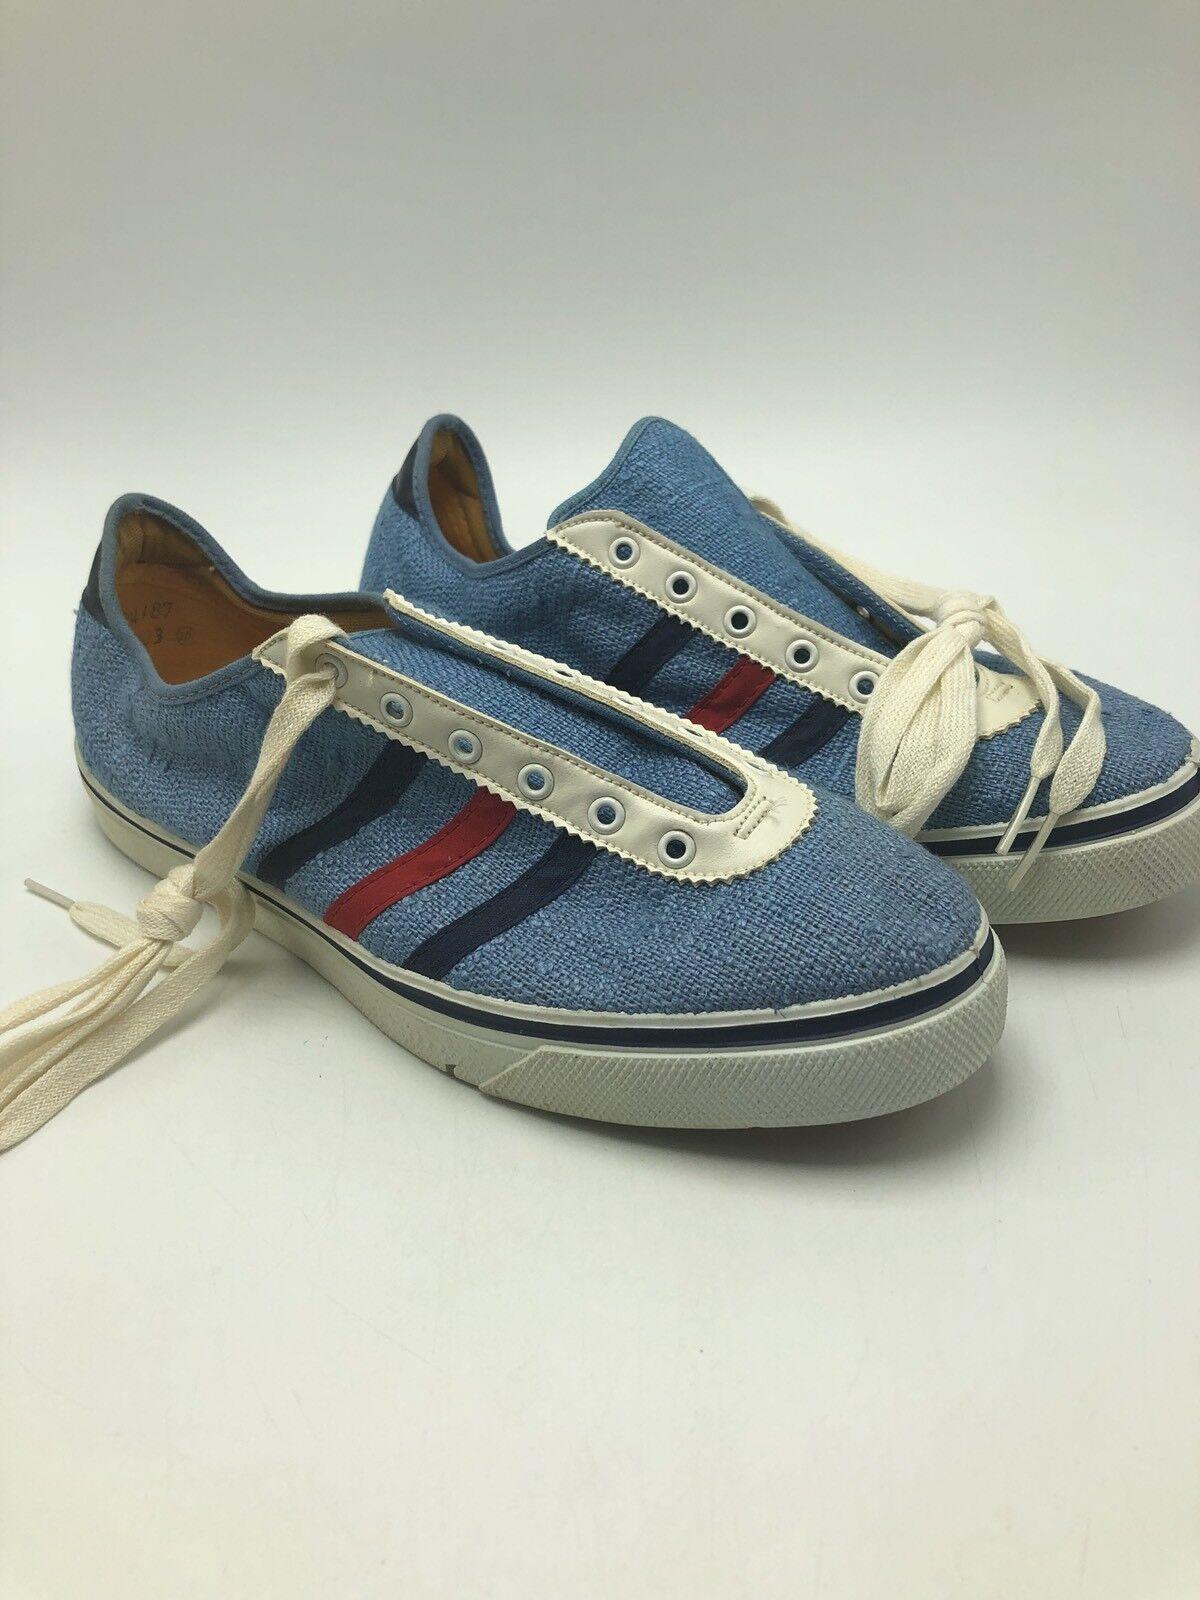 Sun Damenschuhe 'n Surf Schuhes Vintage 1960s Blau ROT Stripes Damenschuhe Sun 7 Canvas Deck Tennis 639170